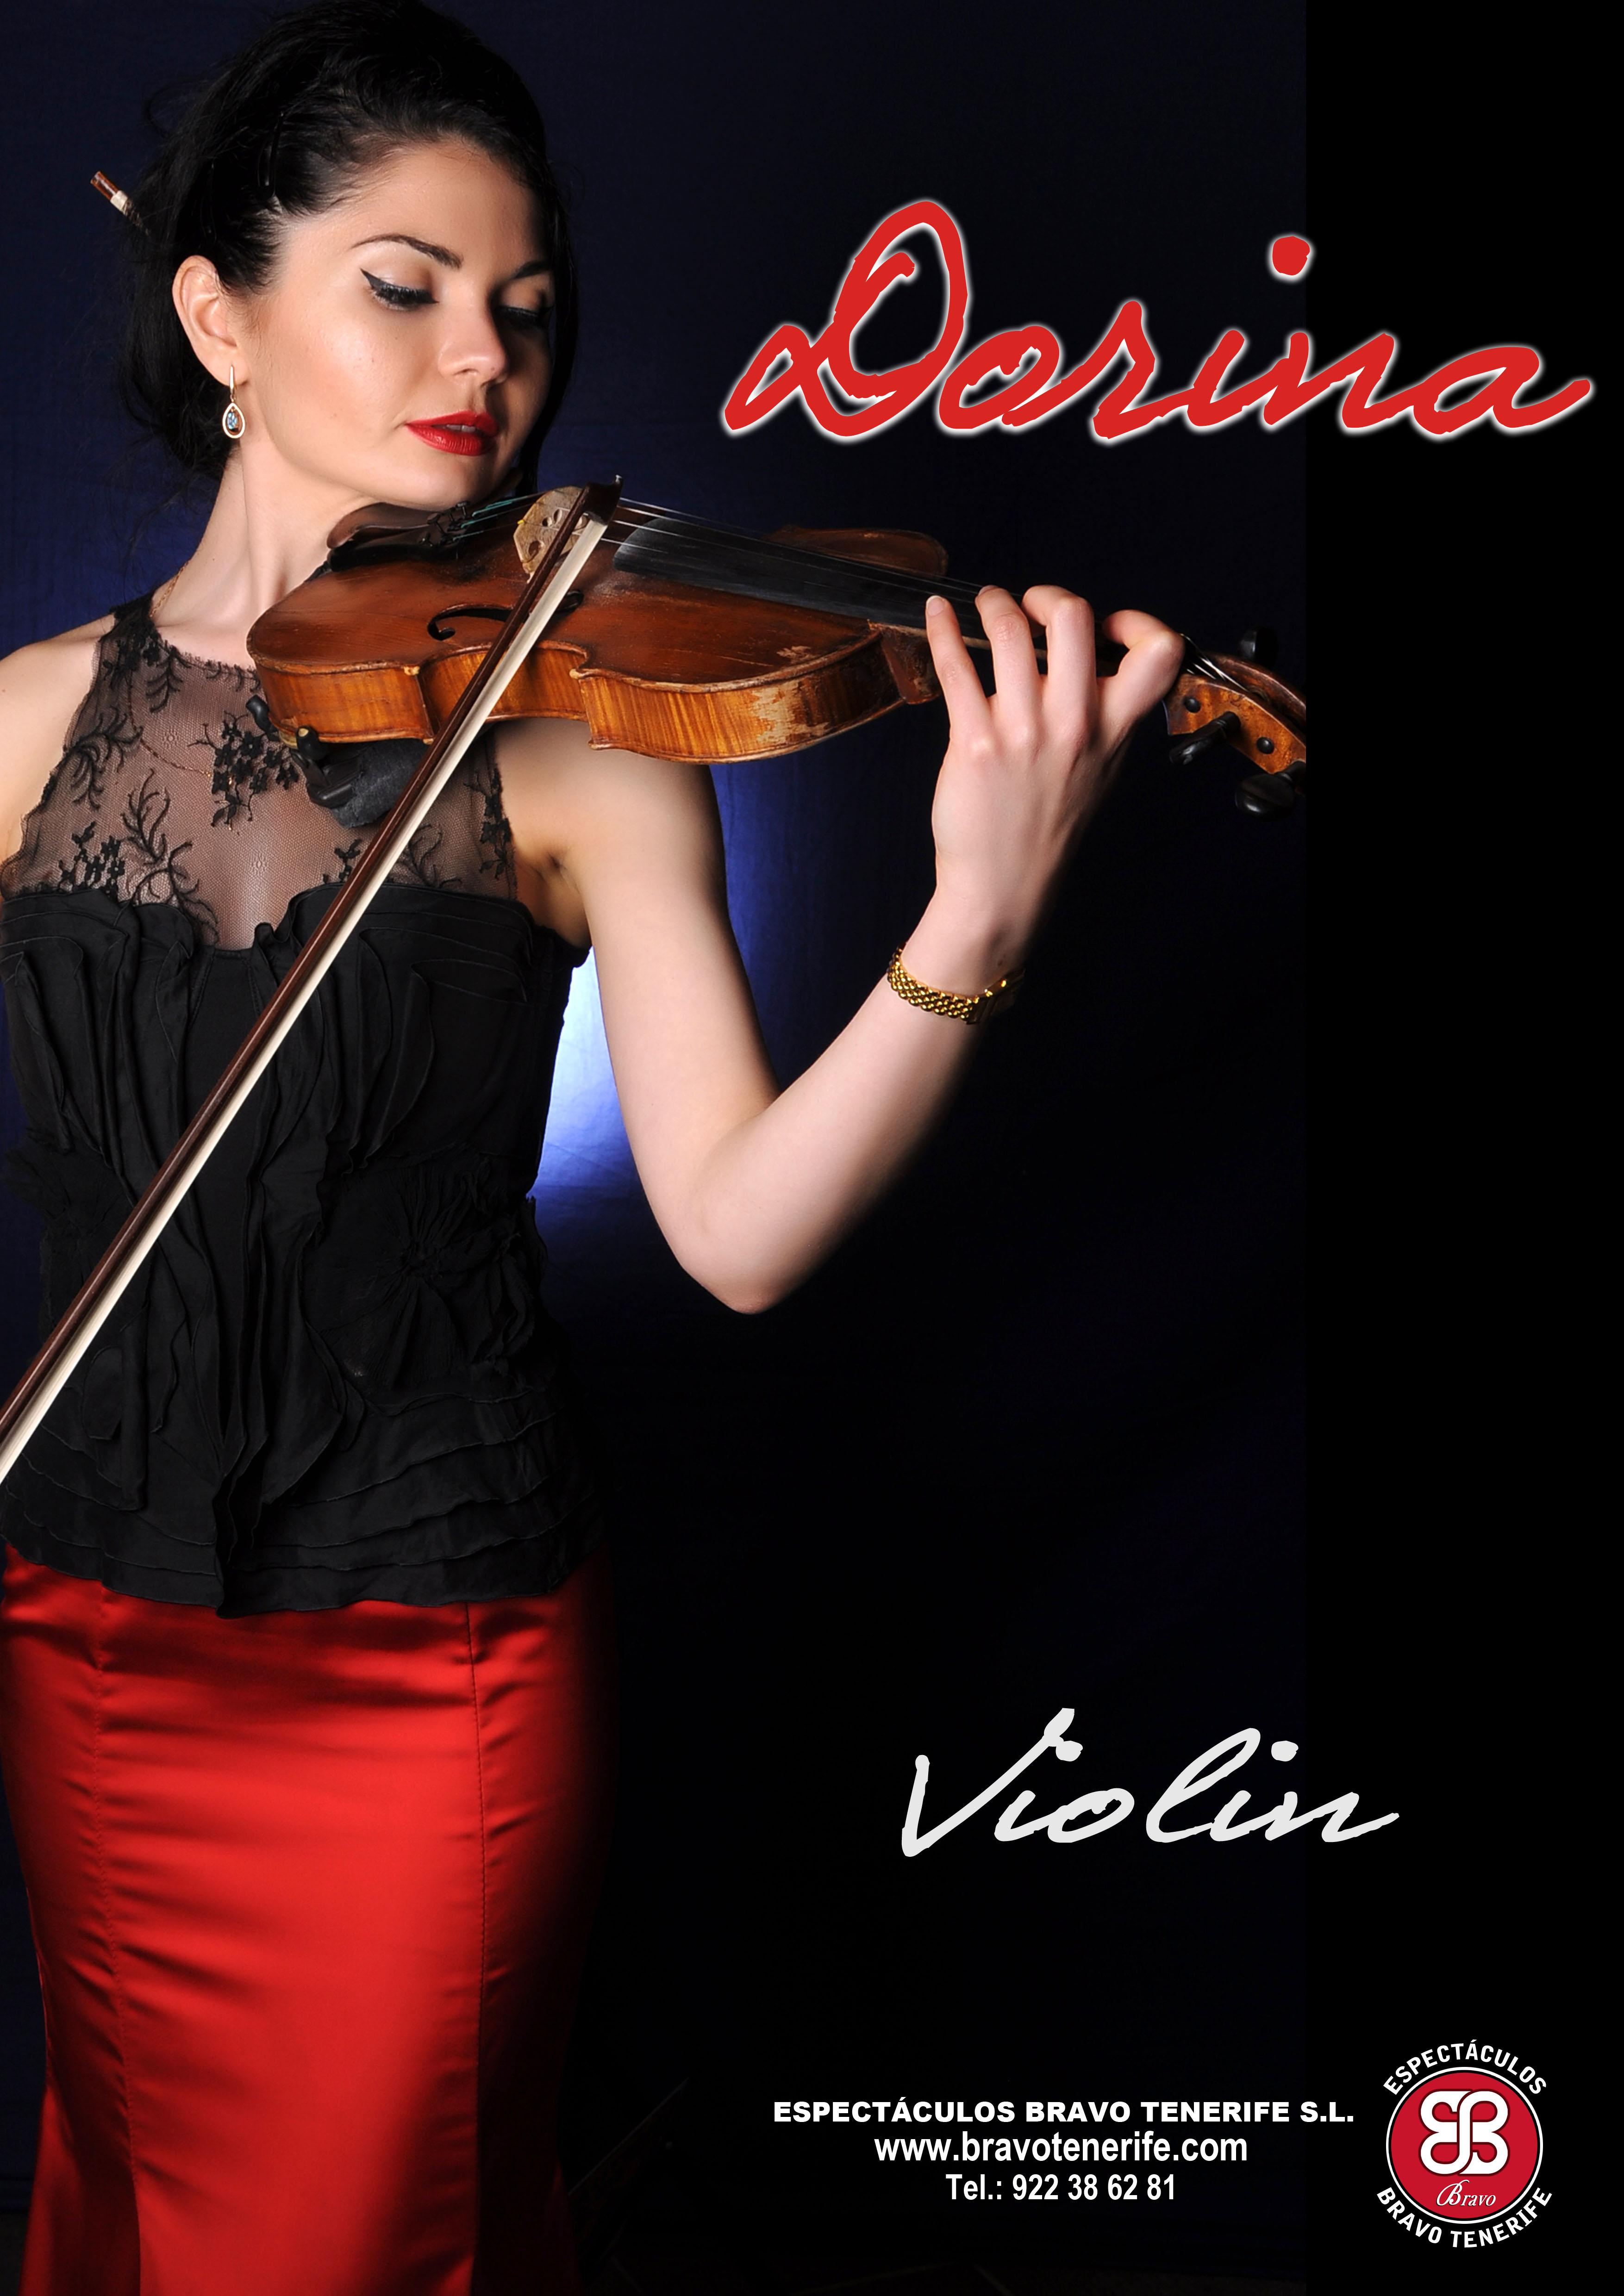 dorina-violin-bravo